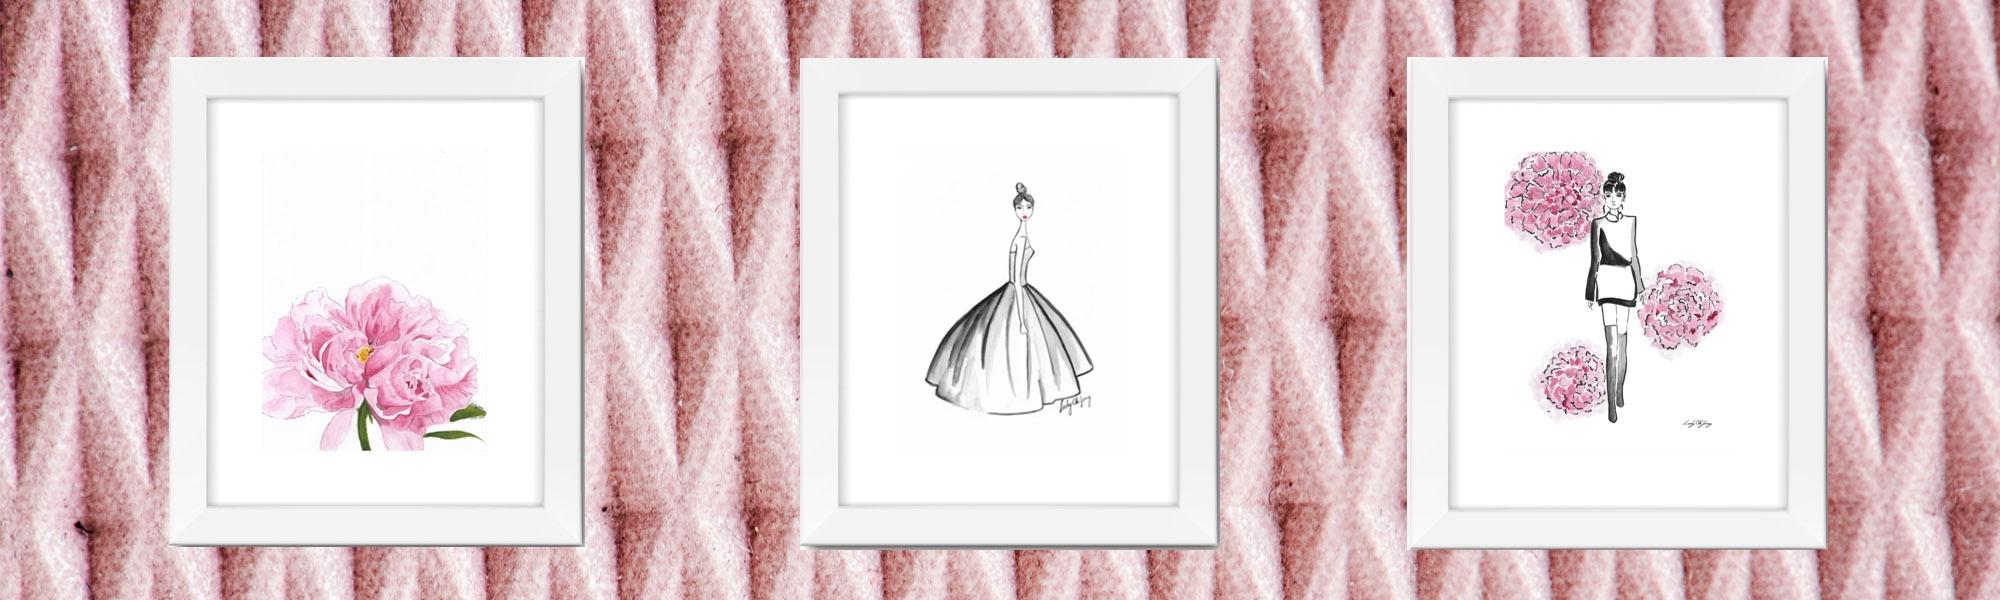 LadyOhJaney (@ladyohjaney) Cover Image